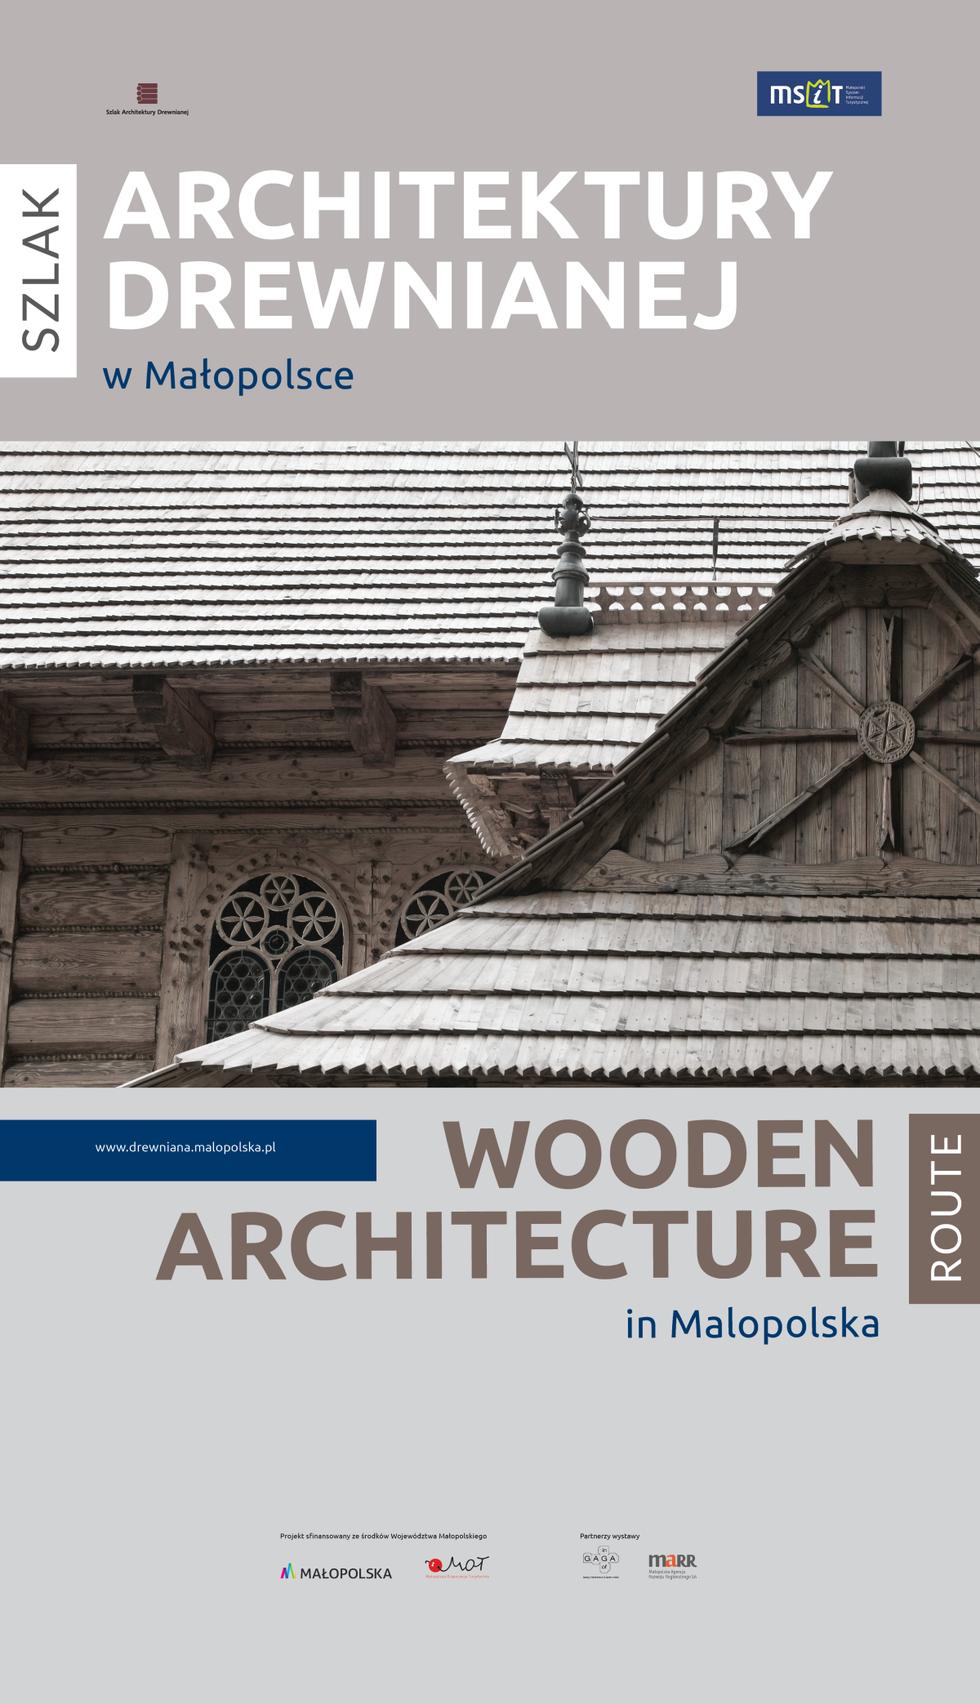 Szlak Architektury Drewnianej w Małopolsce. Wystawa w Krakowie